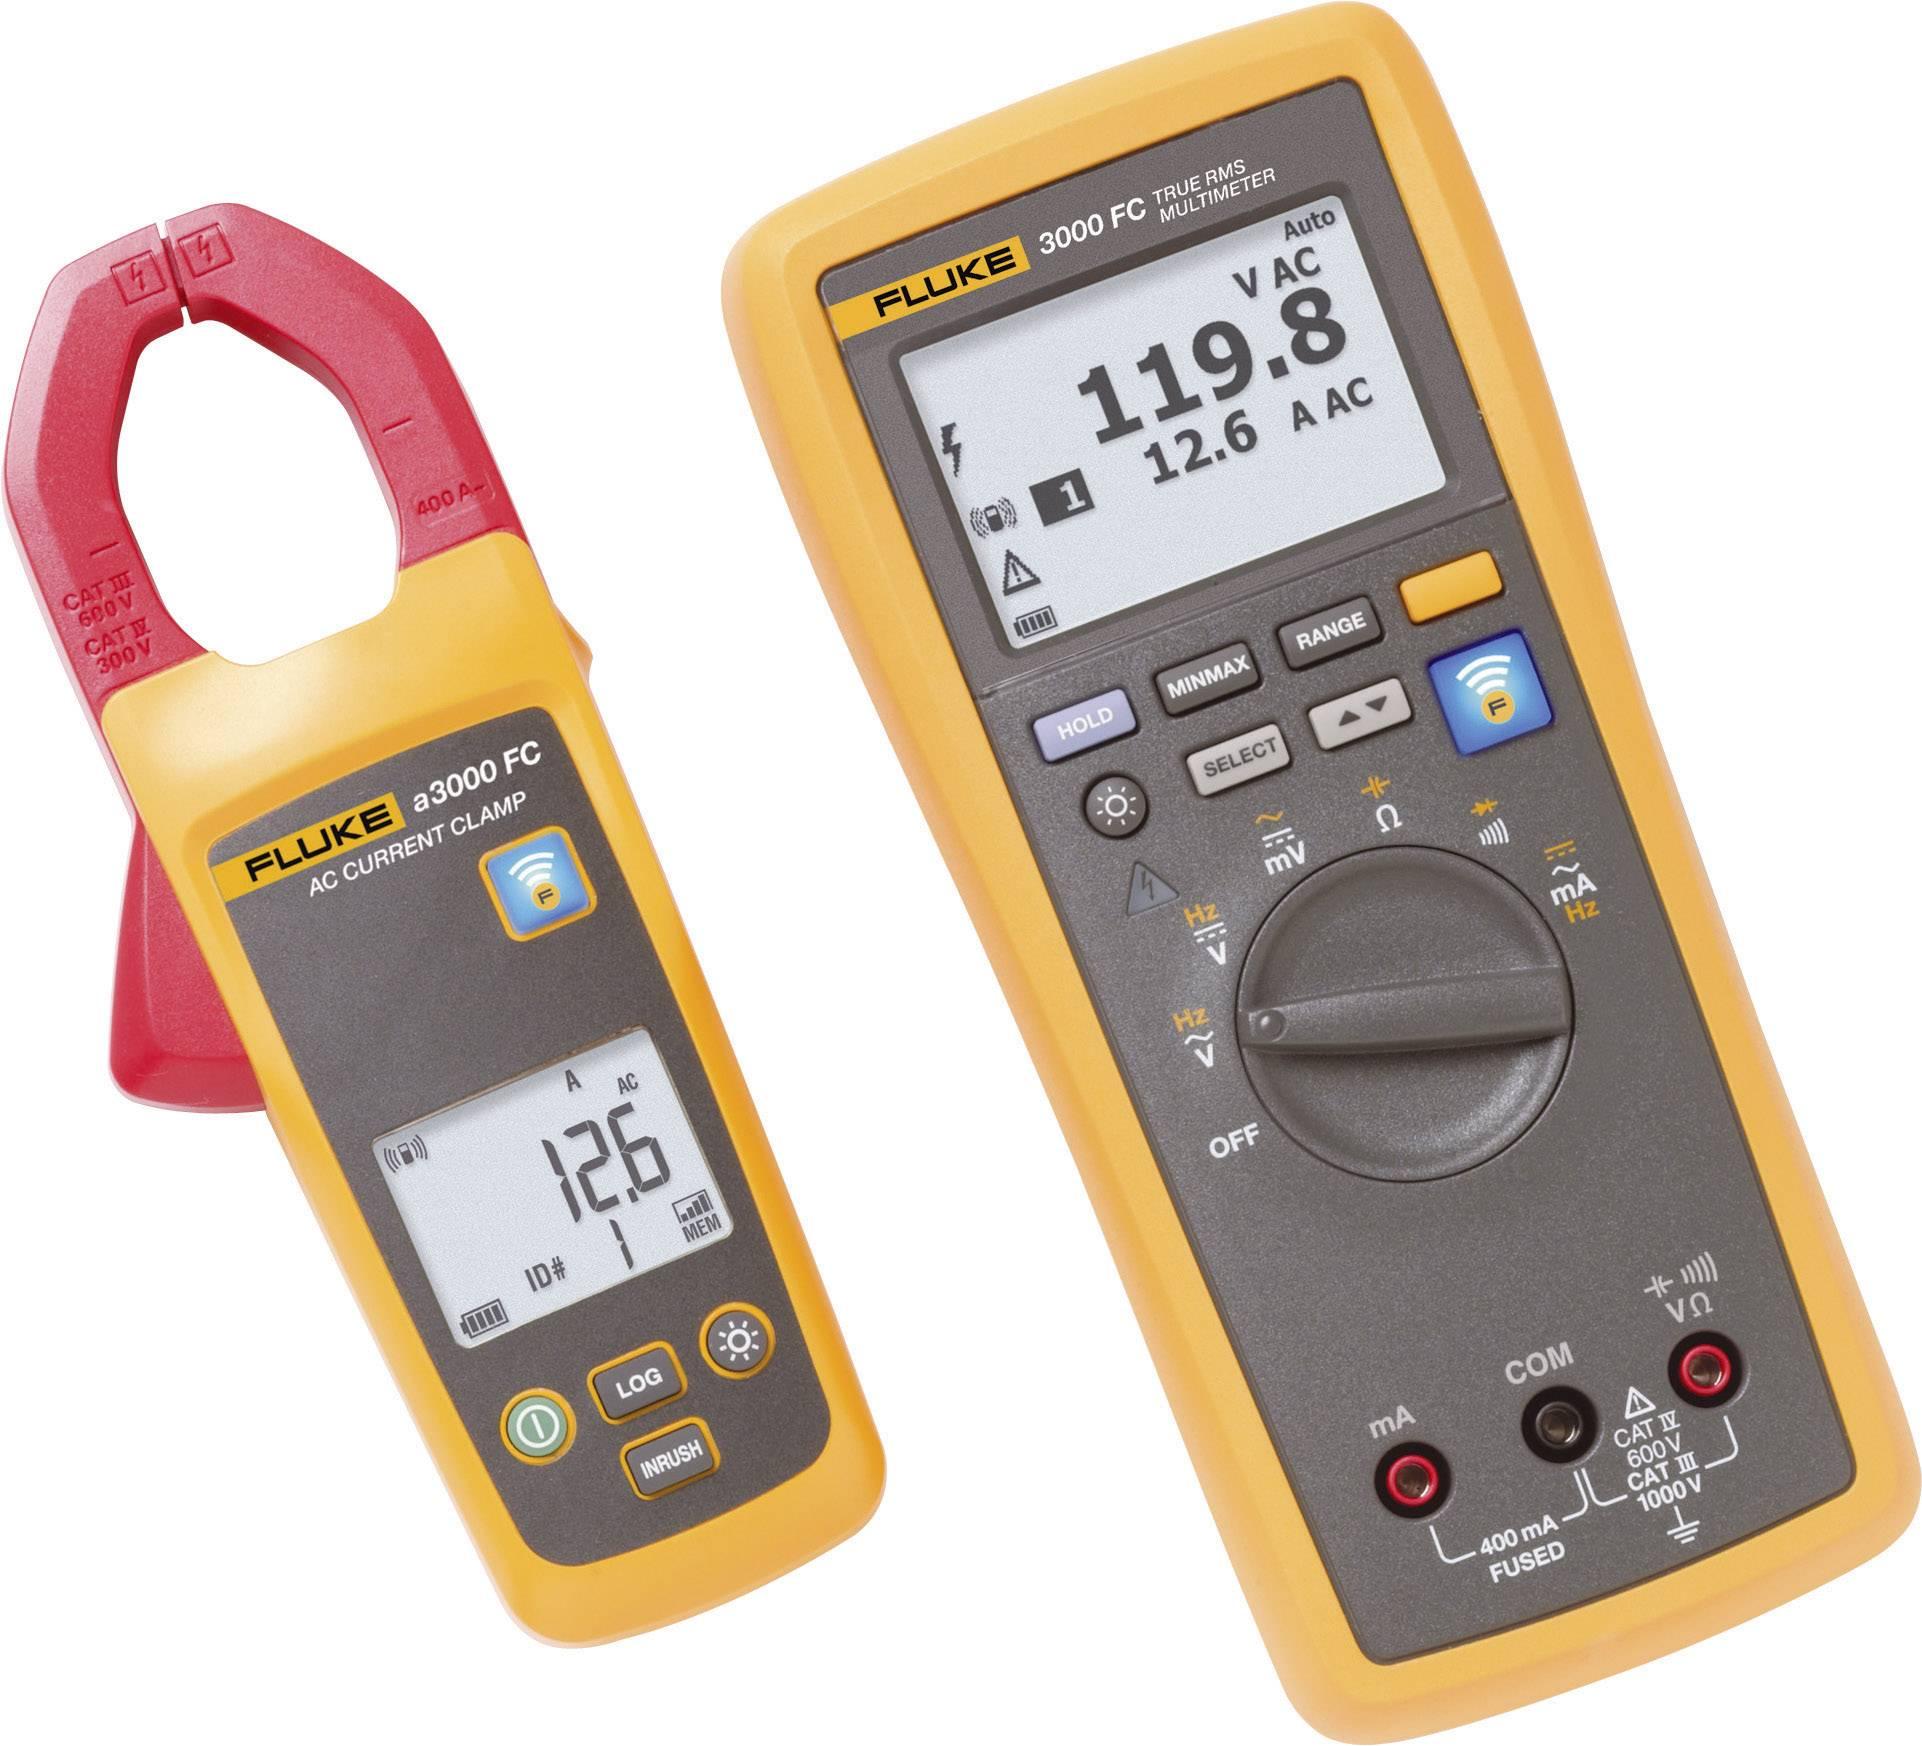 Sada pro bezdrátové měření proudu Fluke FLK-A3000 FC KIT, Fluke Connect, 4465618